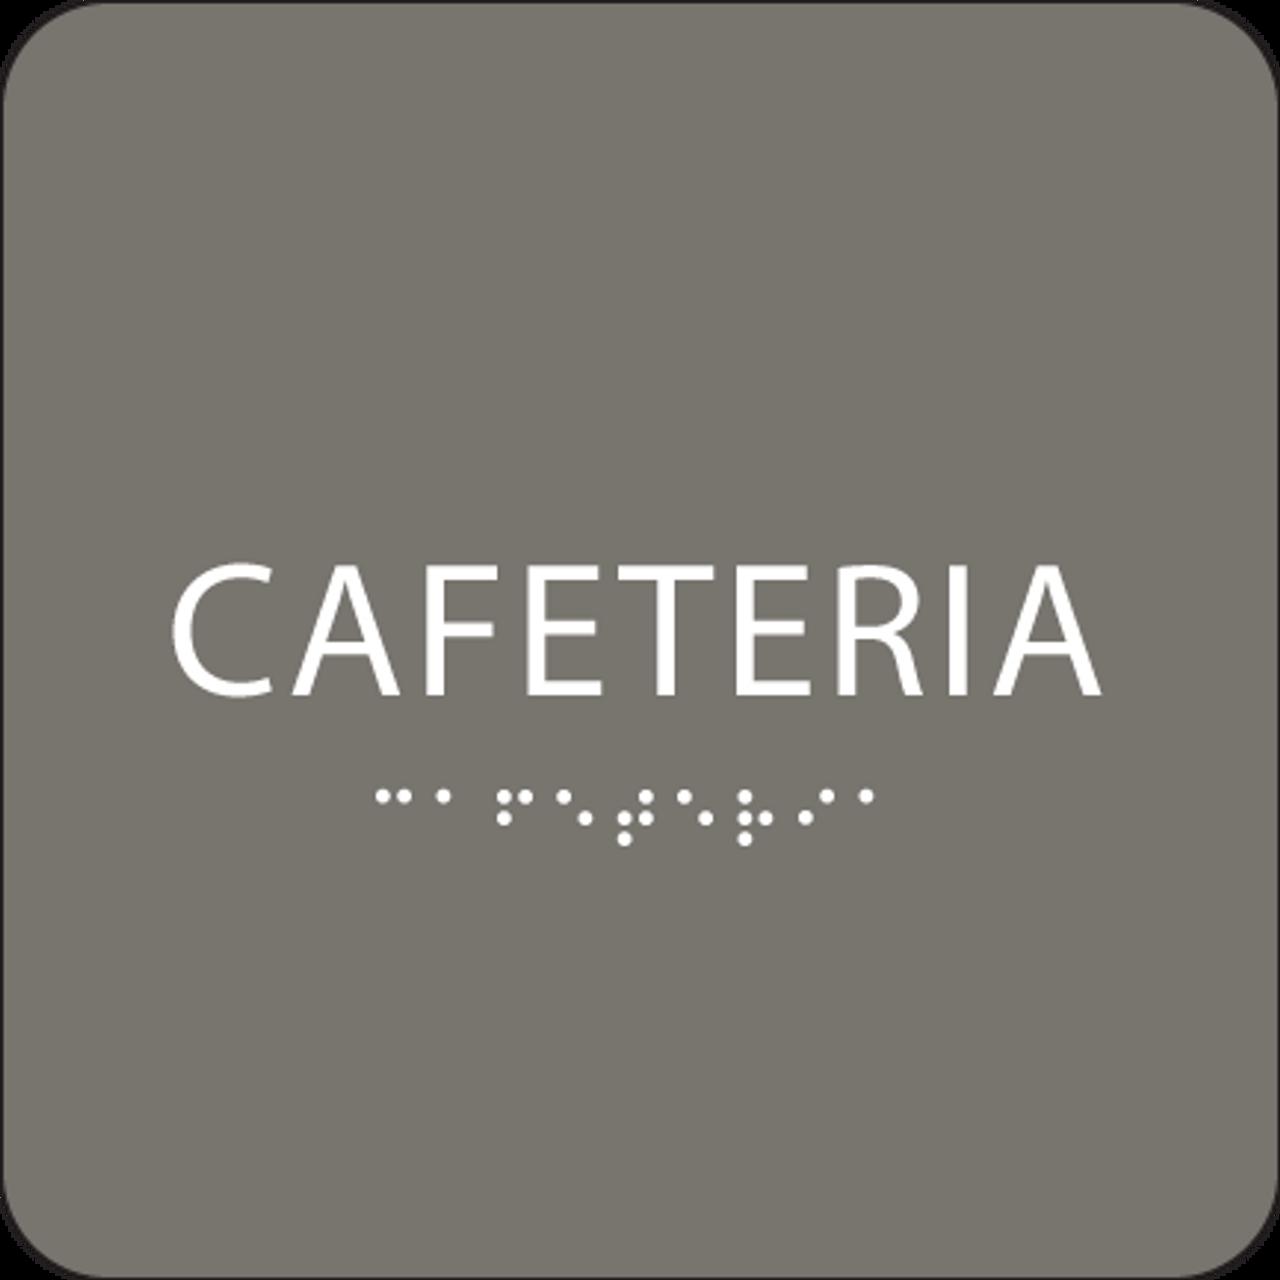 Dark Grey Cafeteria ADA Sign